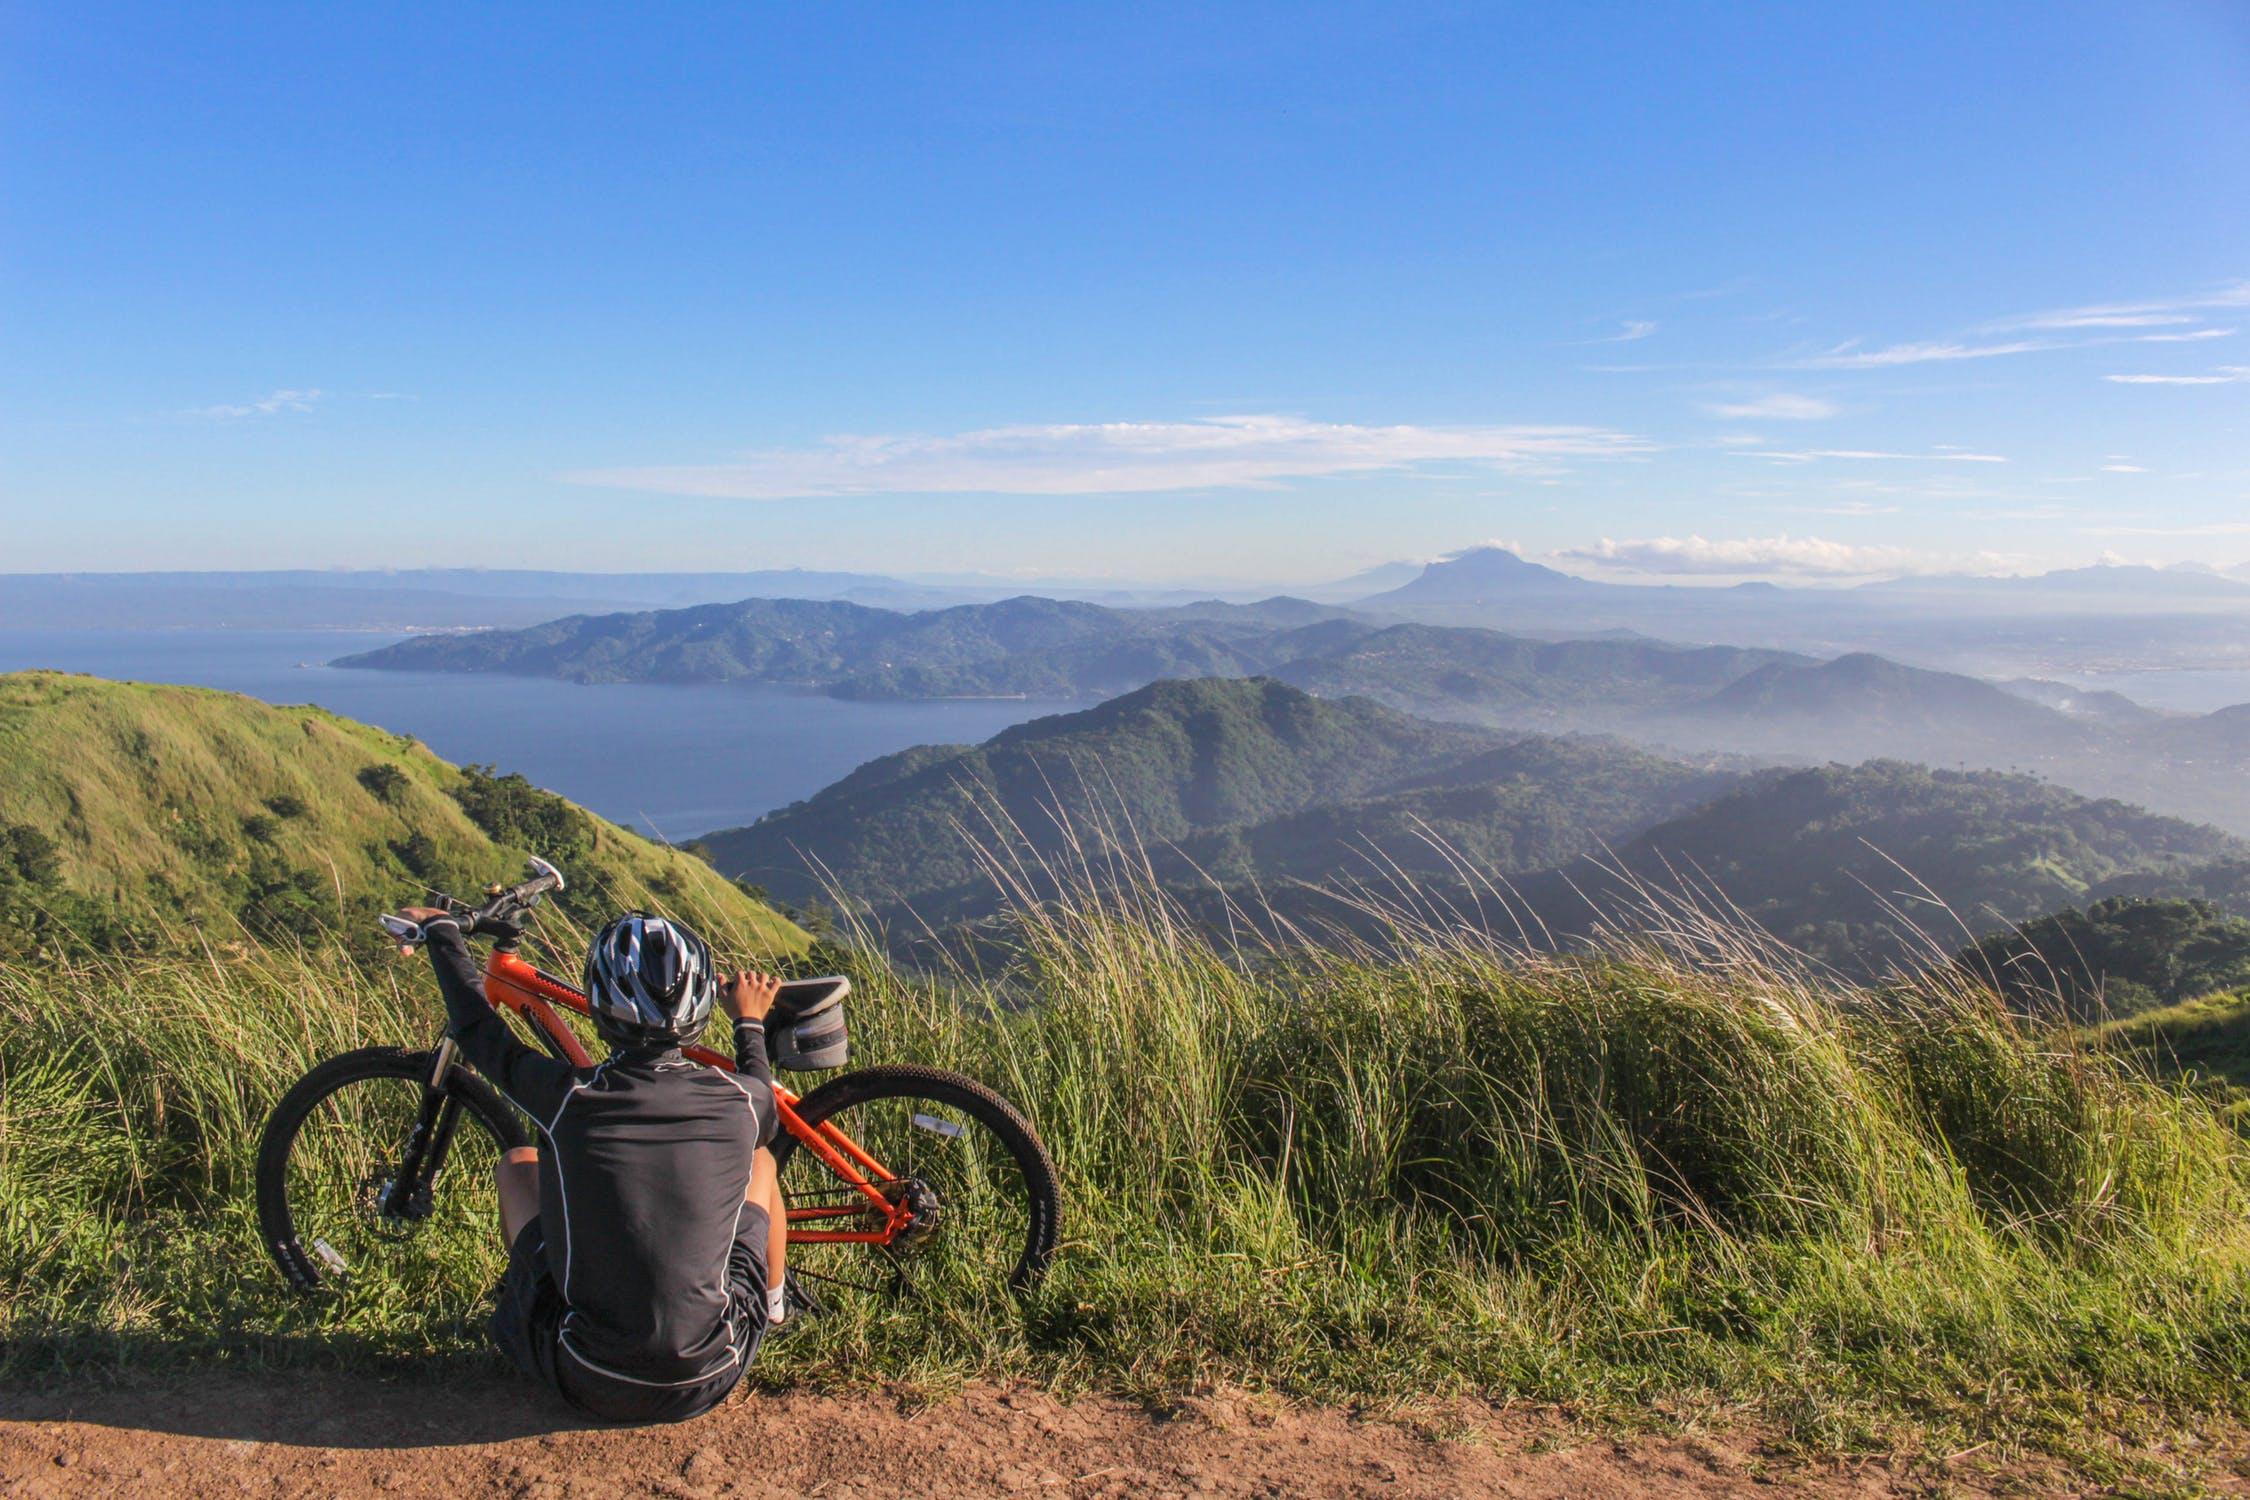 Cykeltur med udsigt